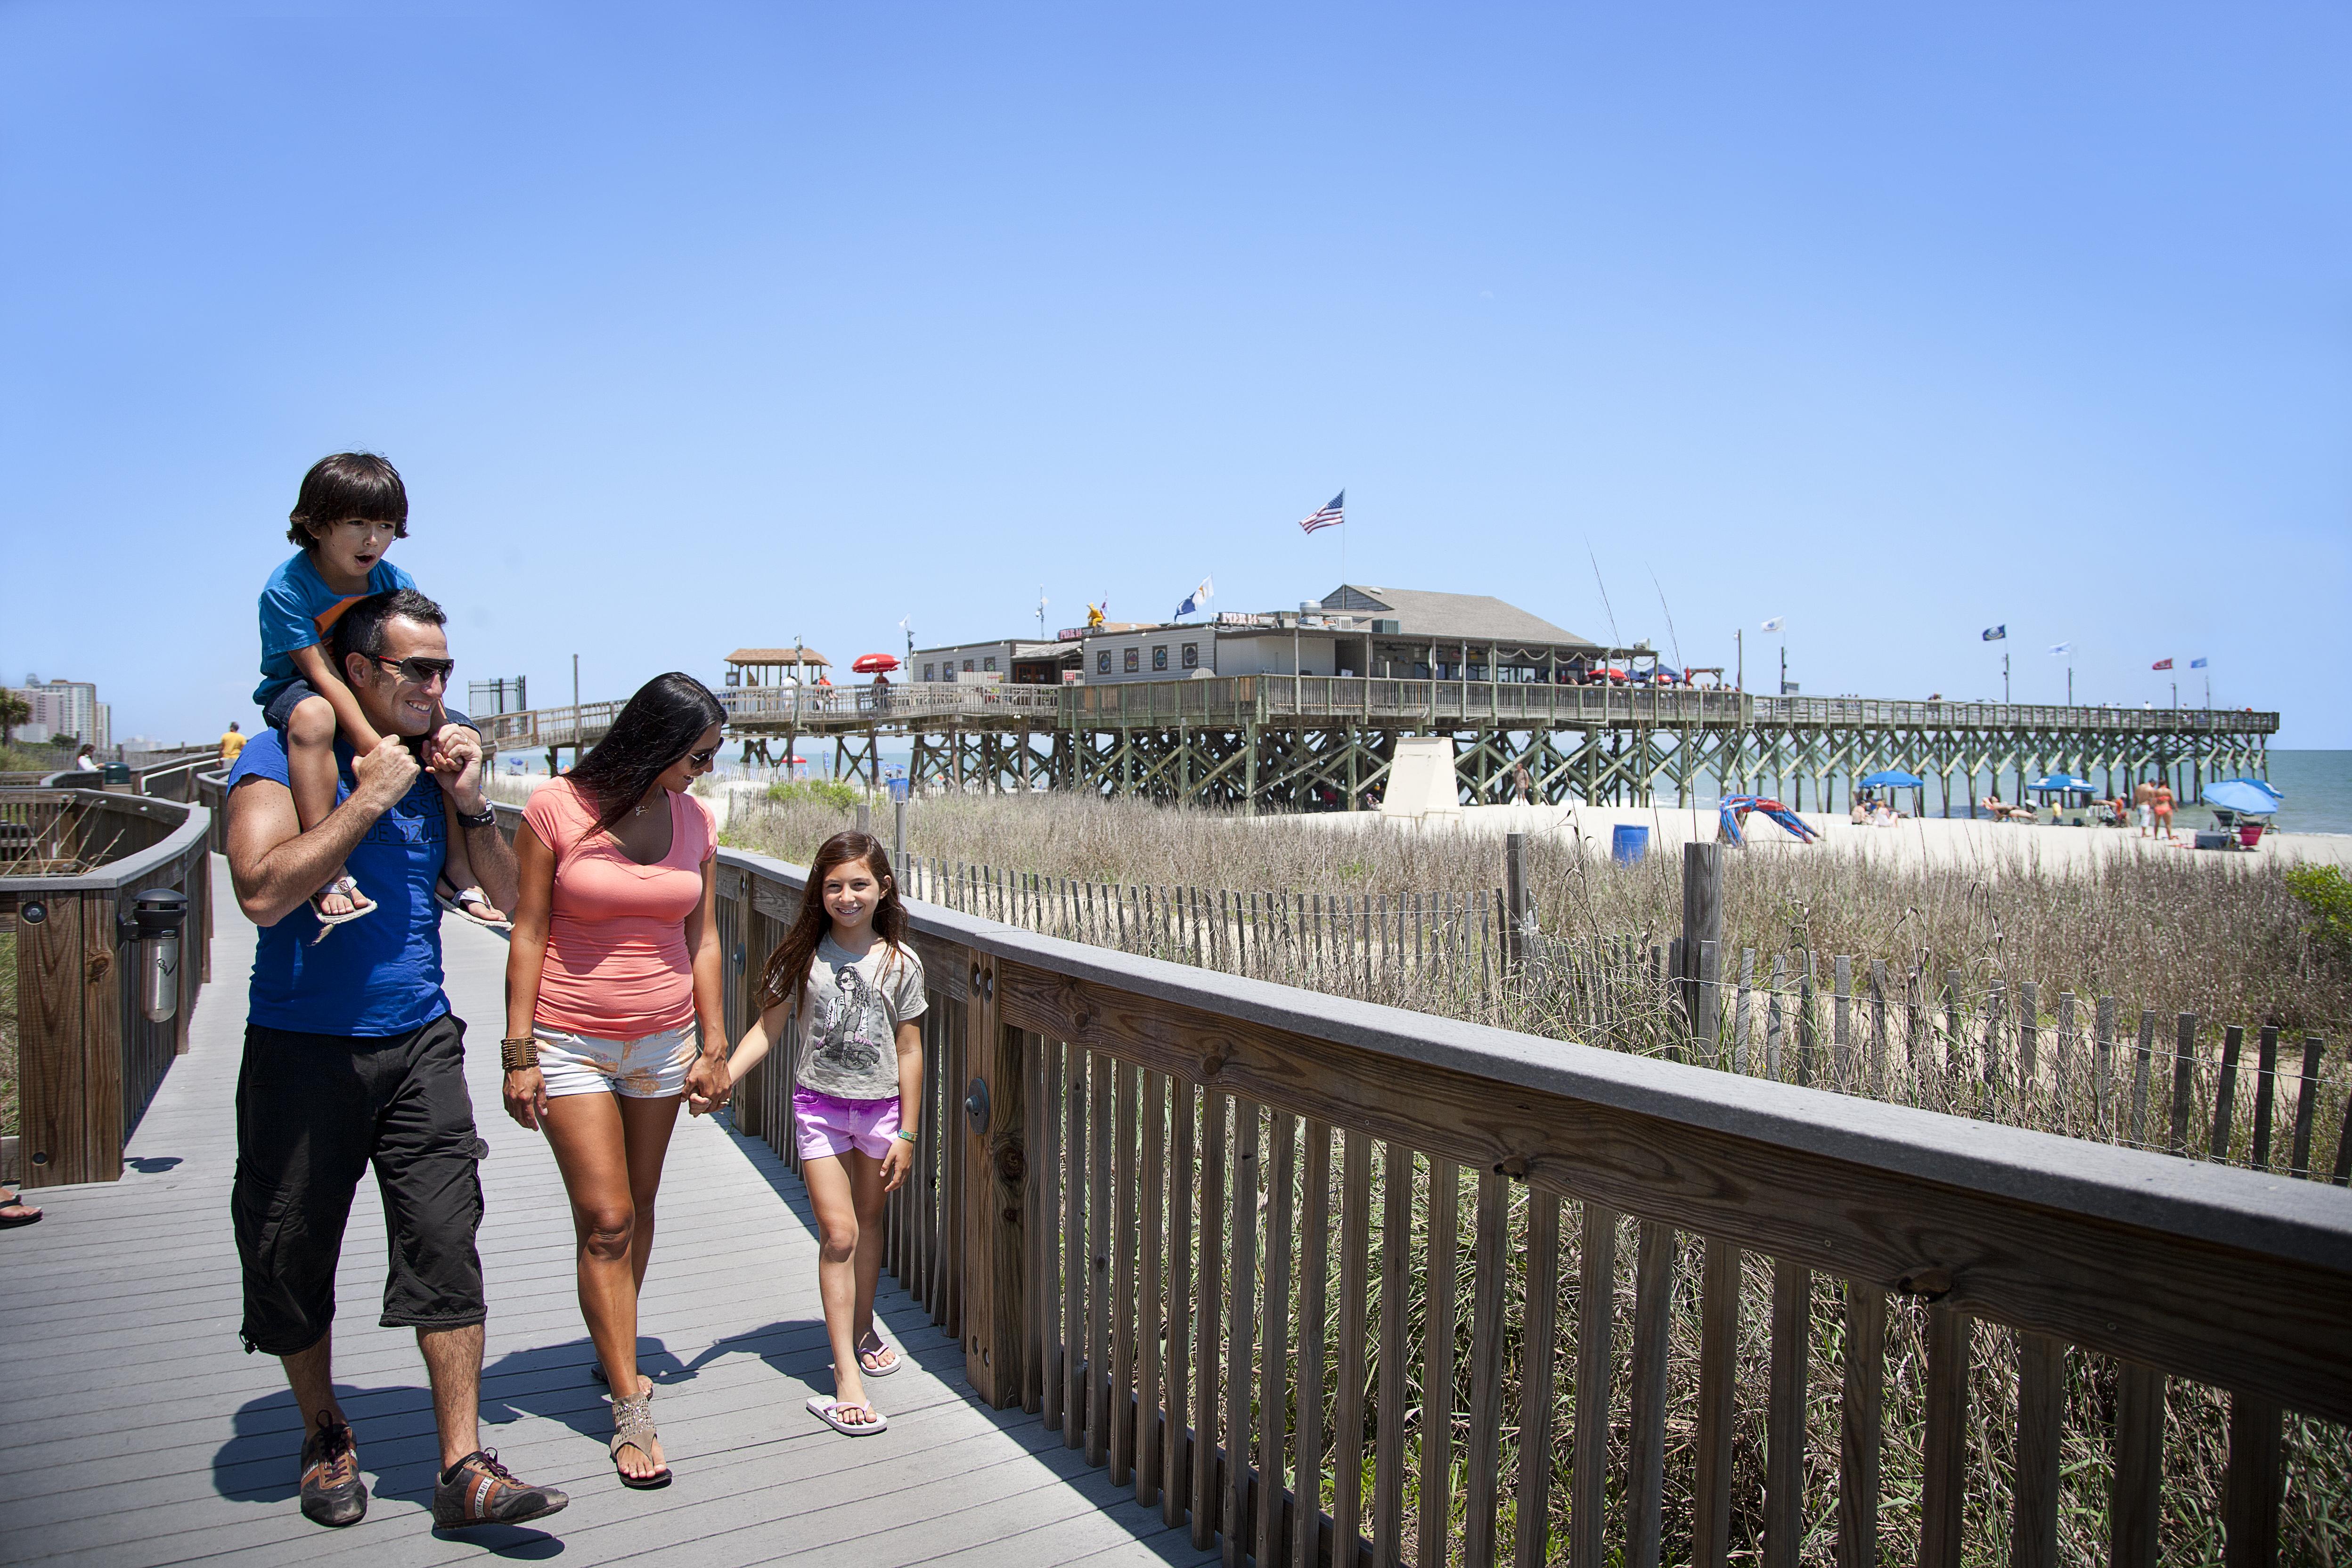 Family walking on the boardwalk Myrtle Beach